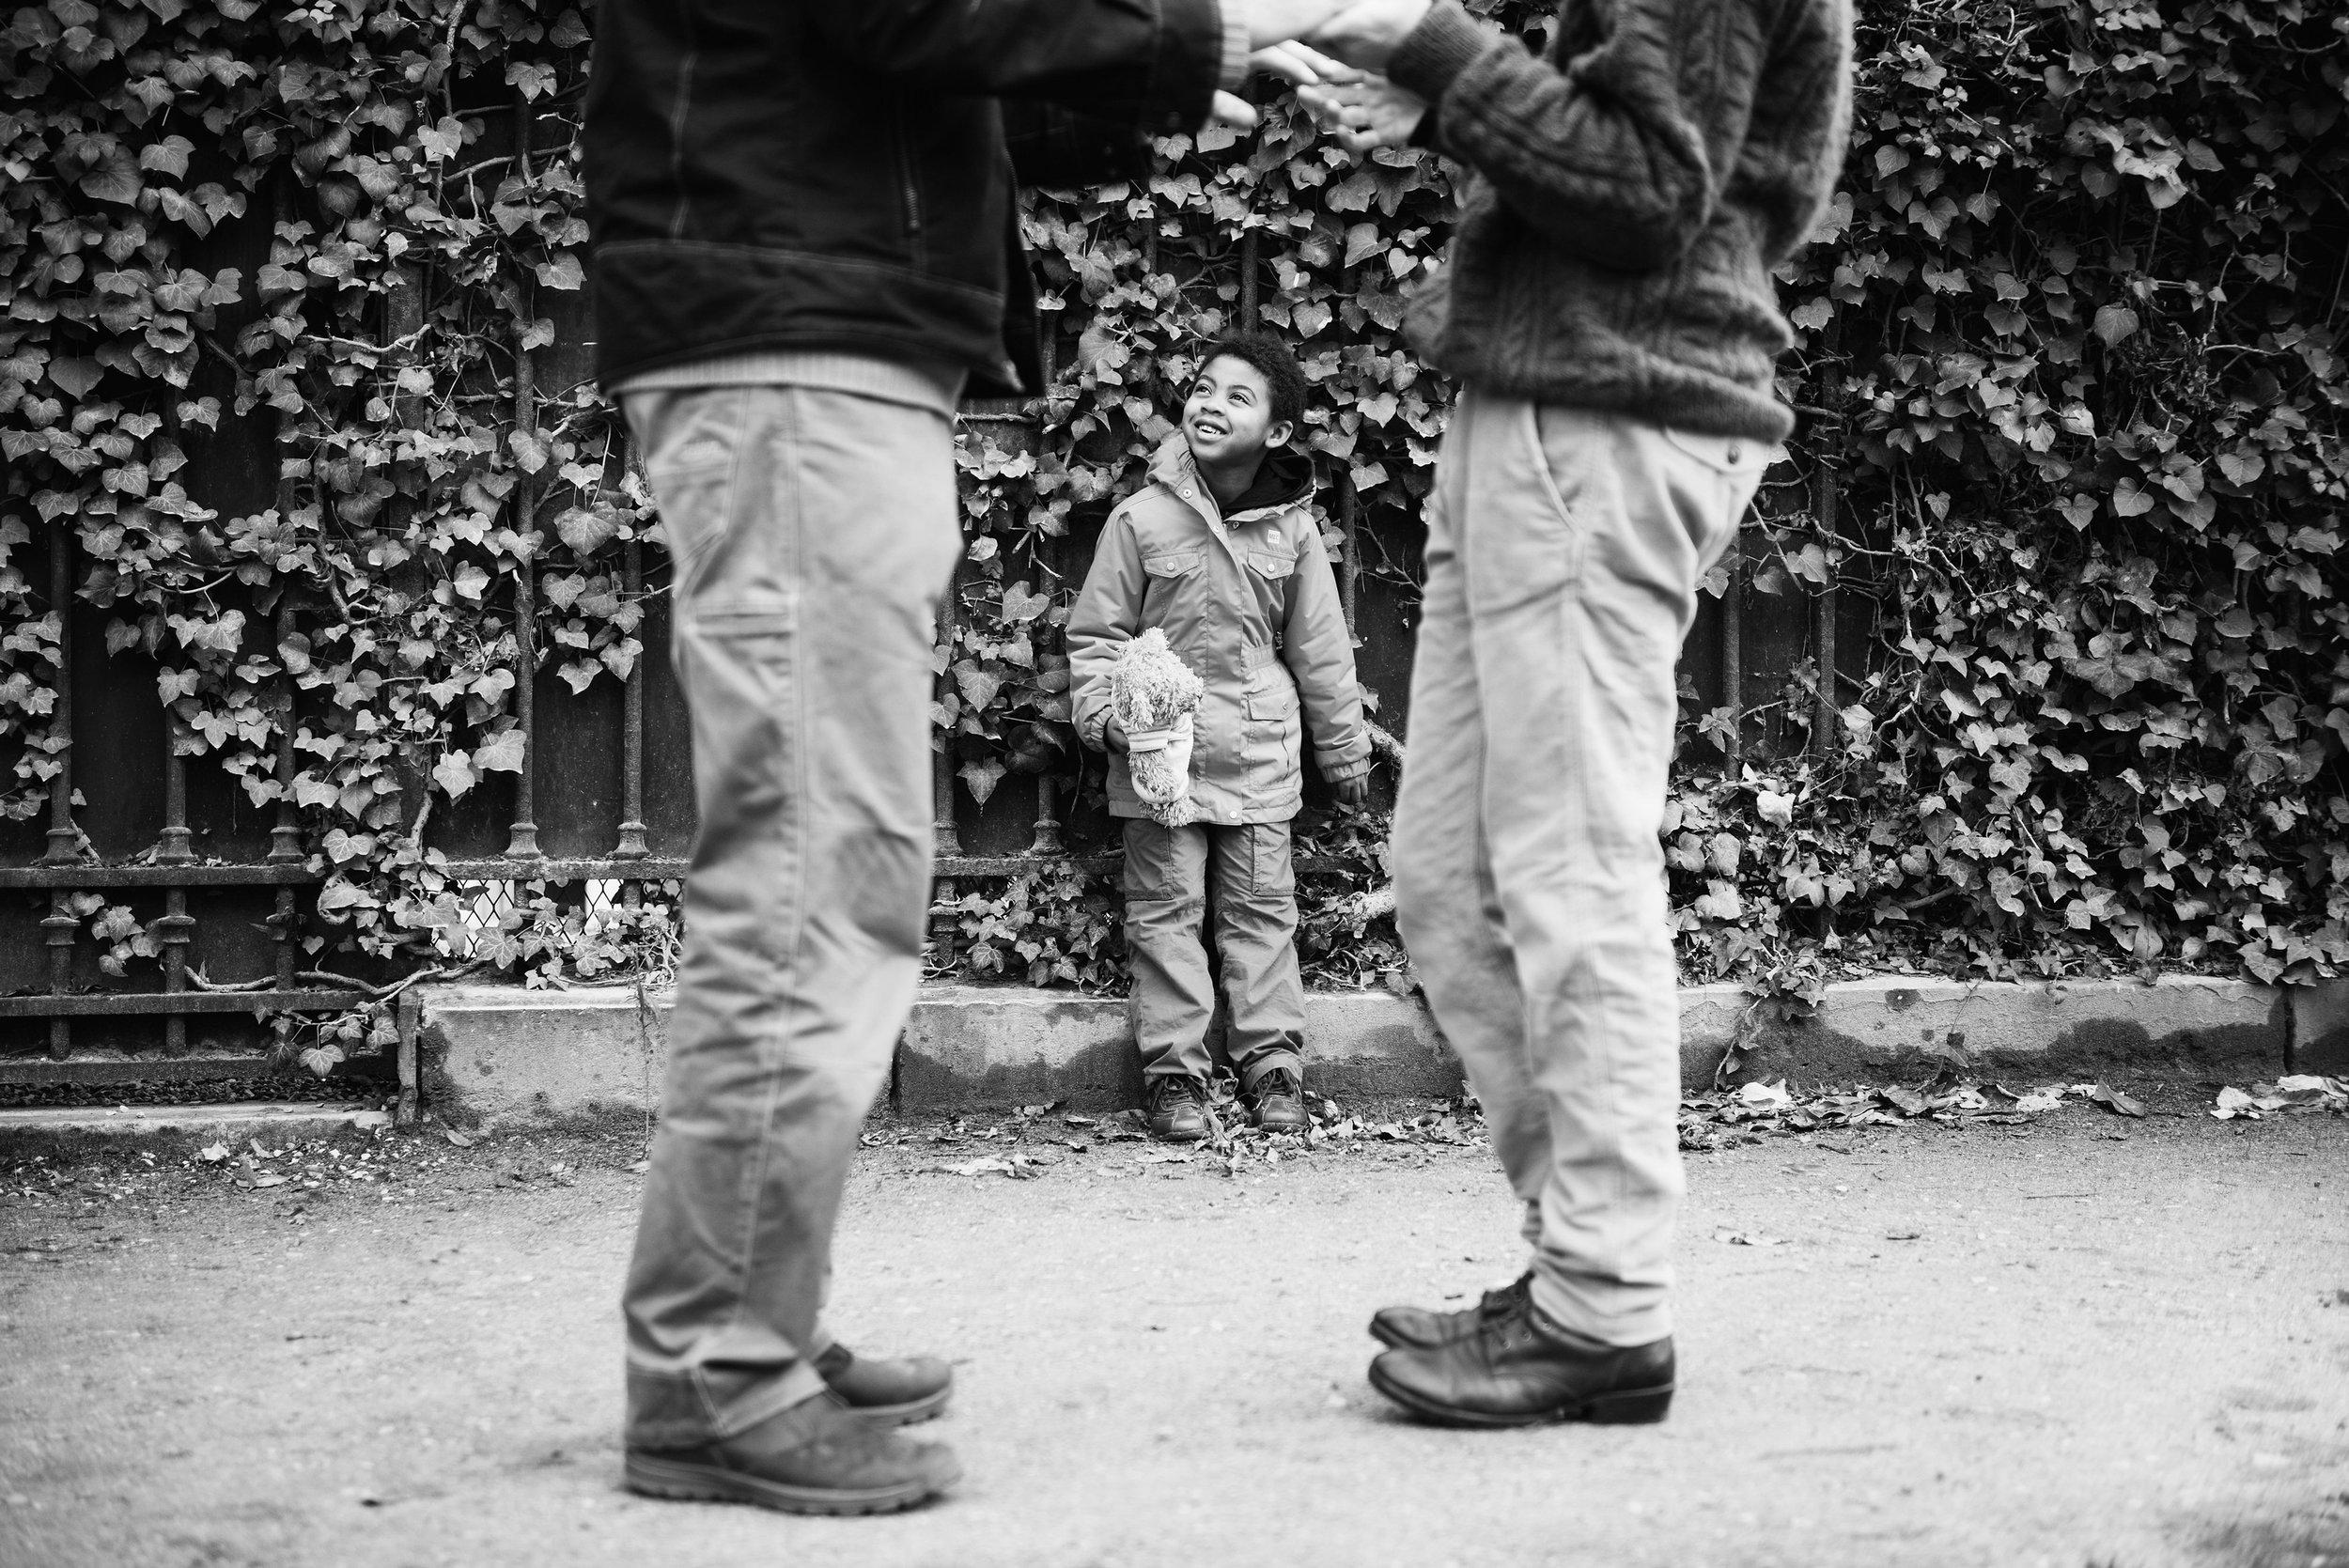 Katie_Mitchell_Paris_France_Family_Portrait_Photographer_07.jpg